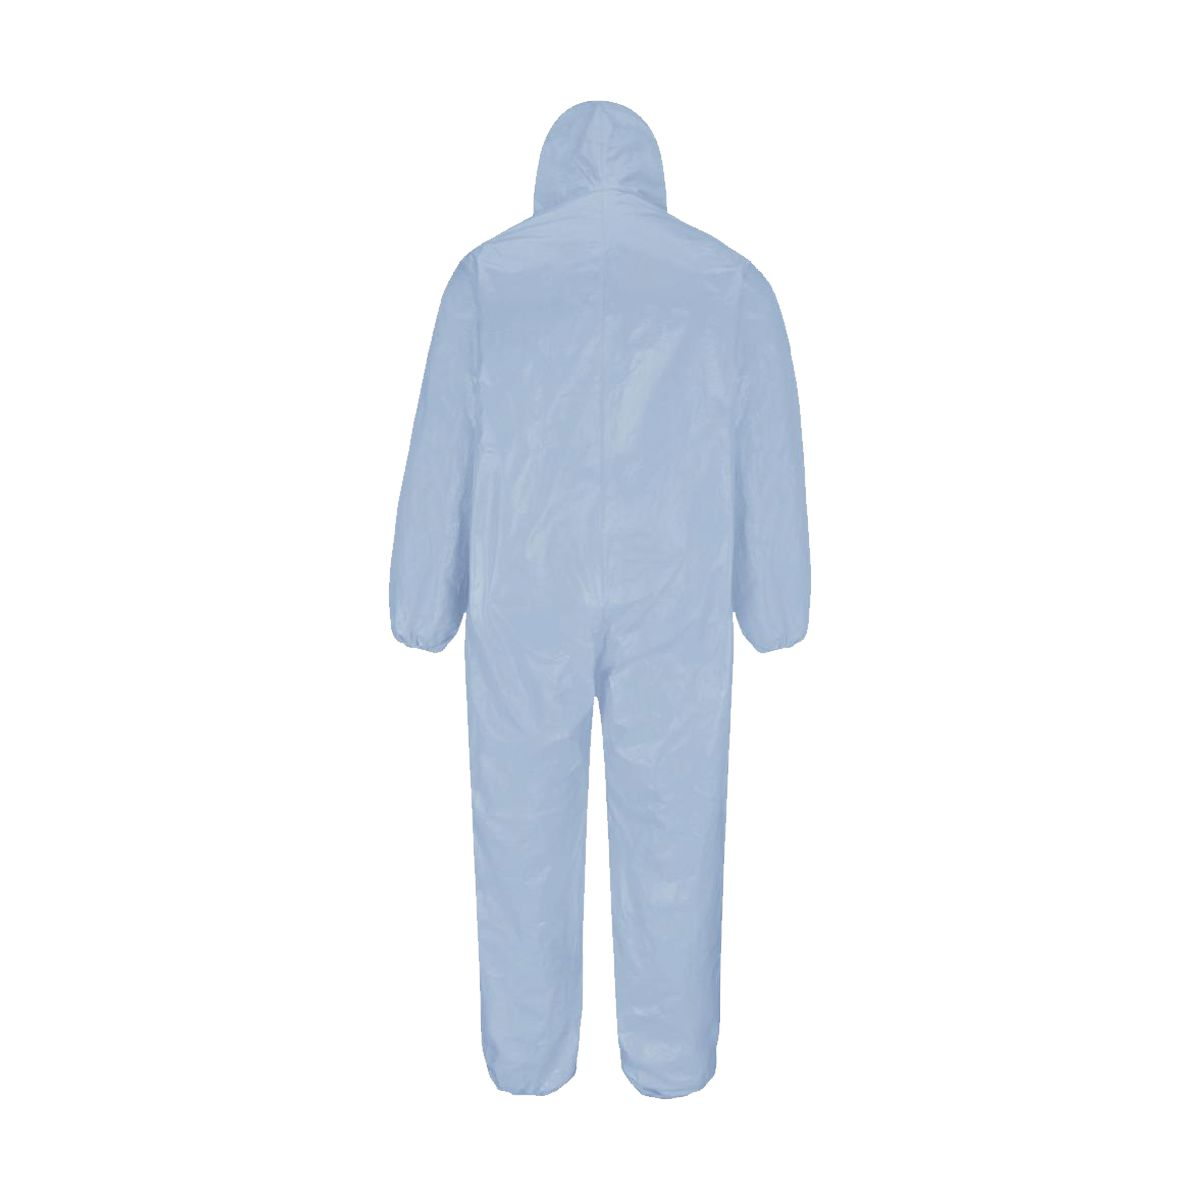 Fato descartável de protecção azul com capuz